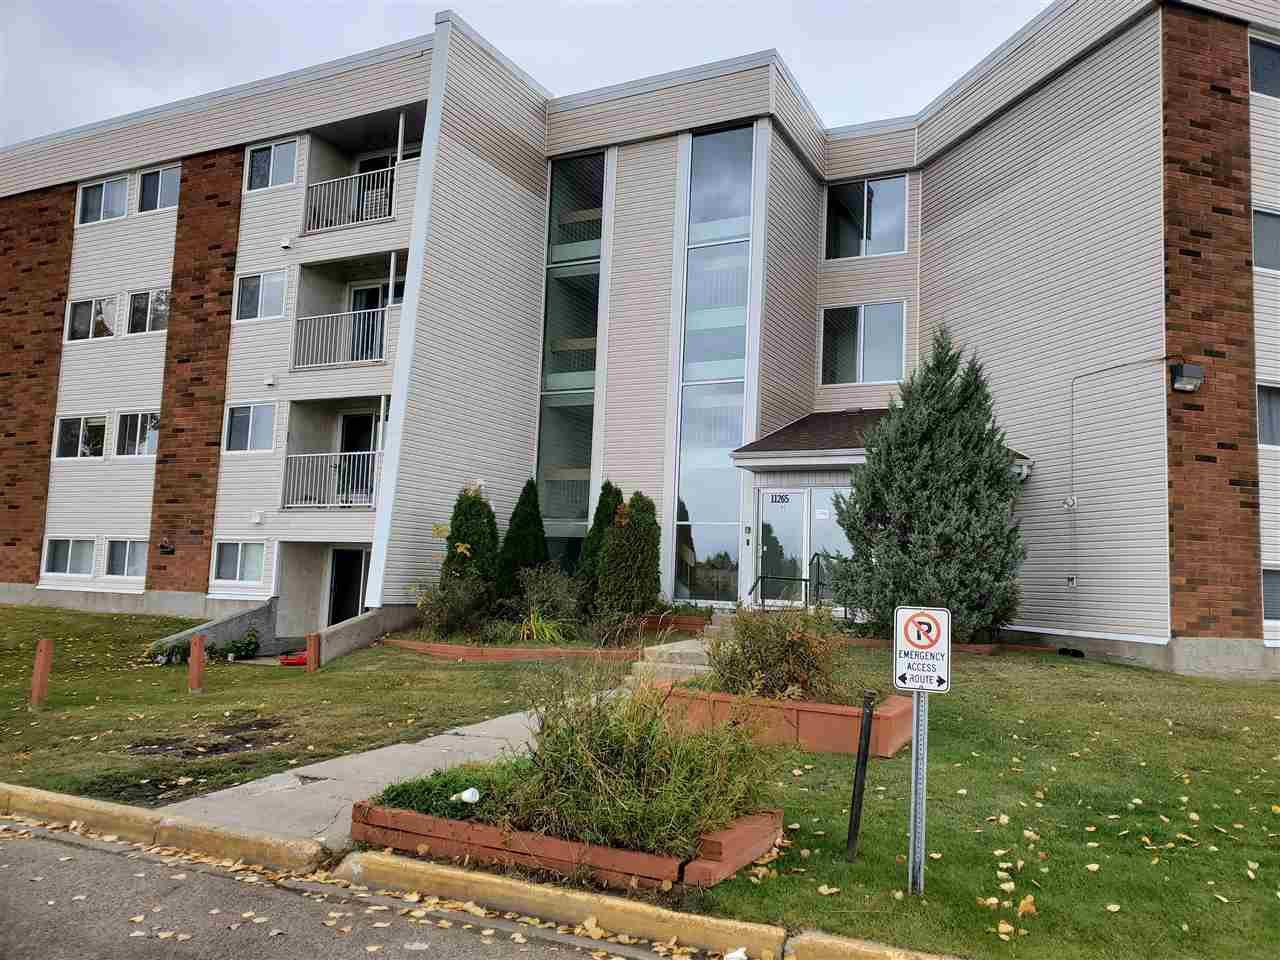 Main Photo: 7 11265 31 Avenue in Edmonton: Zone 16 Condo for sale : MLS®# E4209562